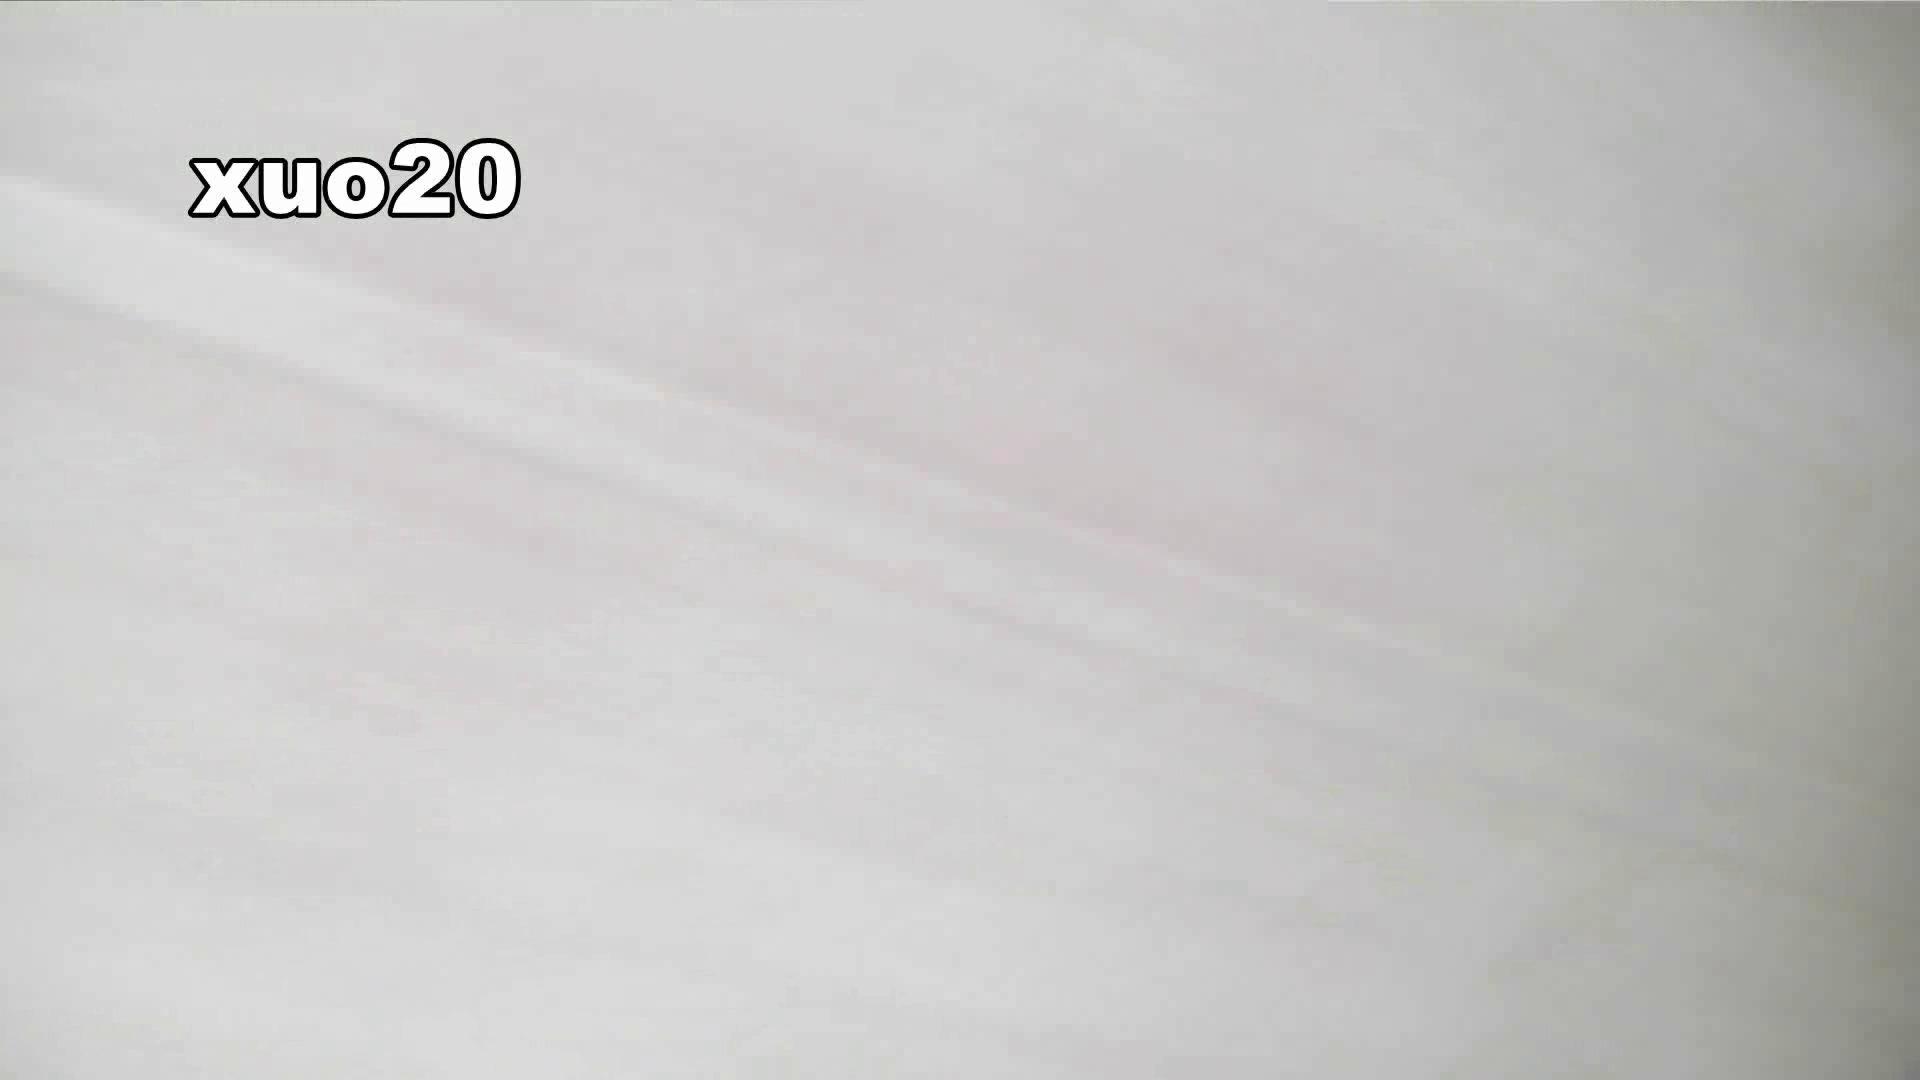 アダルトエロ動画 阿国ちゃんの「和式洋式七変化」No.20 ジョーカーチックな方&指を沿わせる方 怪盗ジョーカー